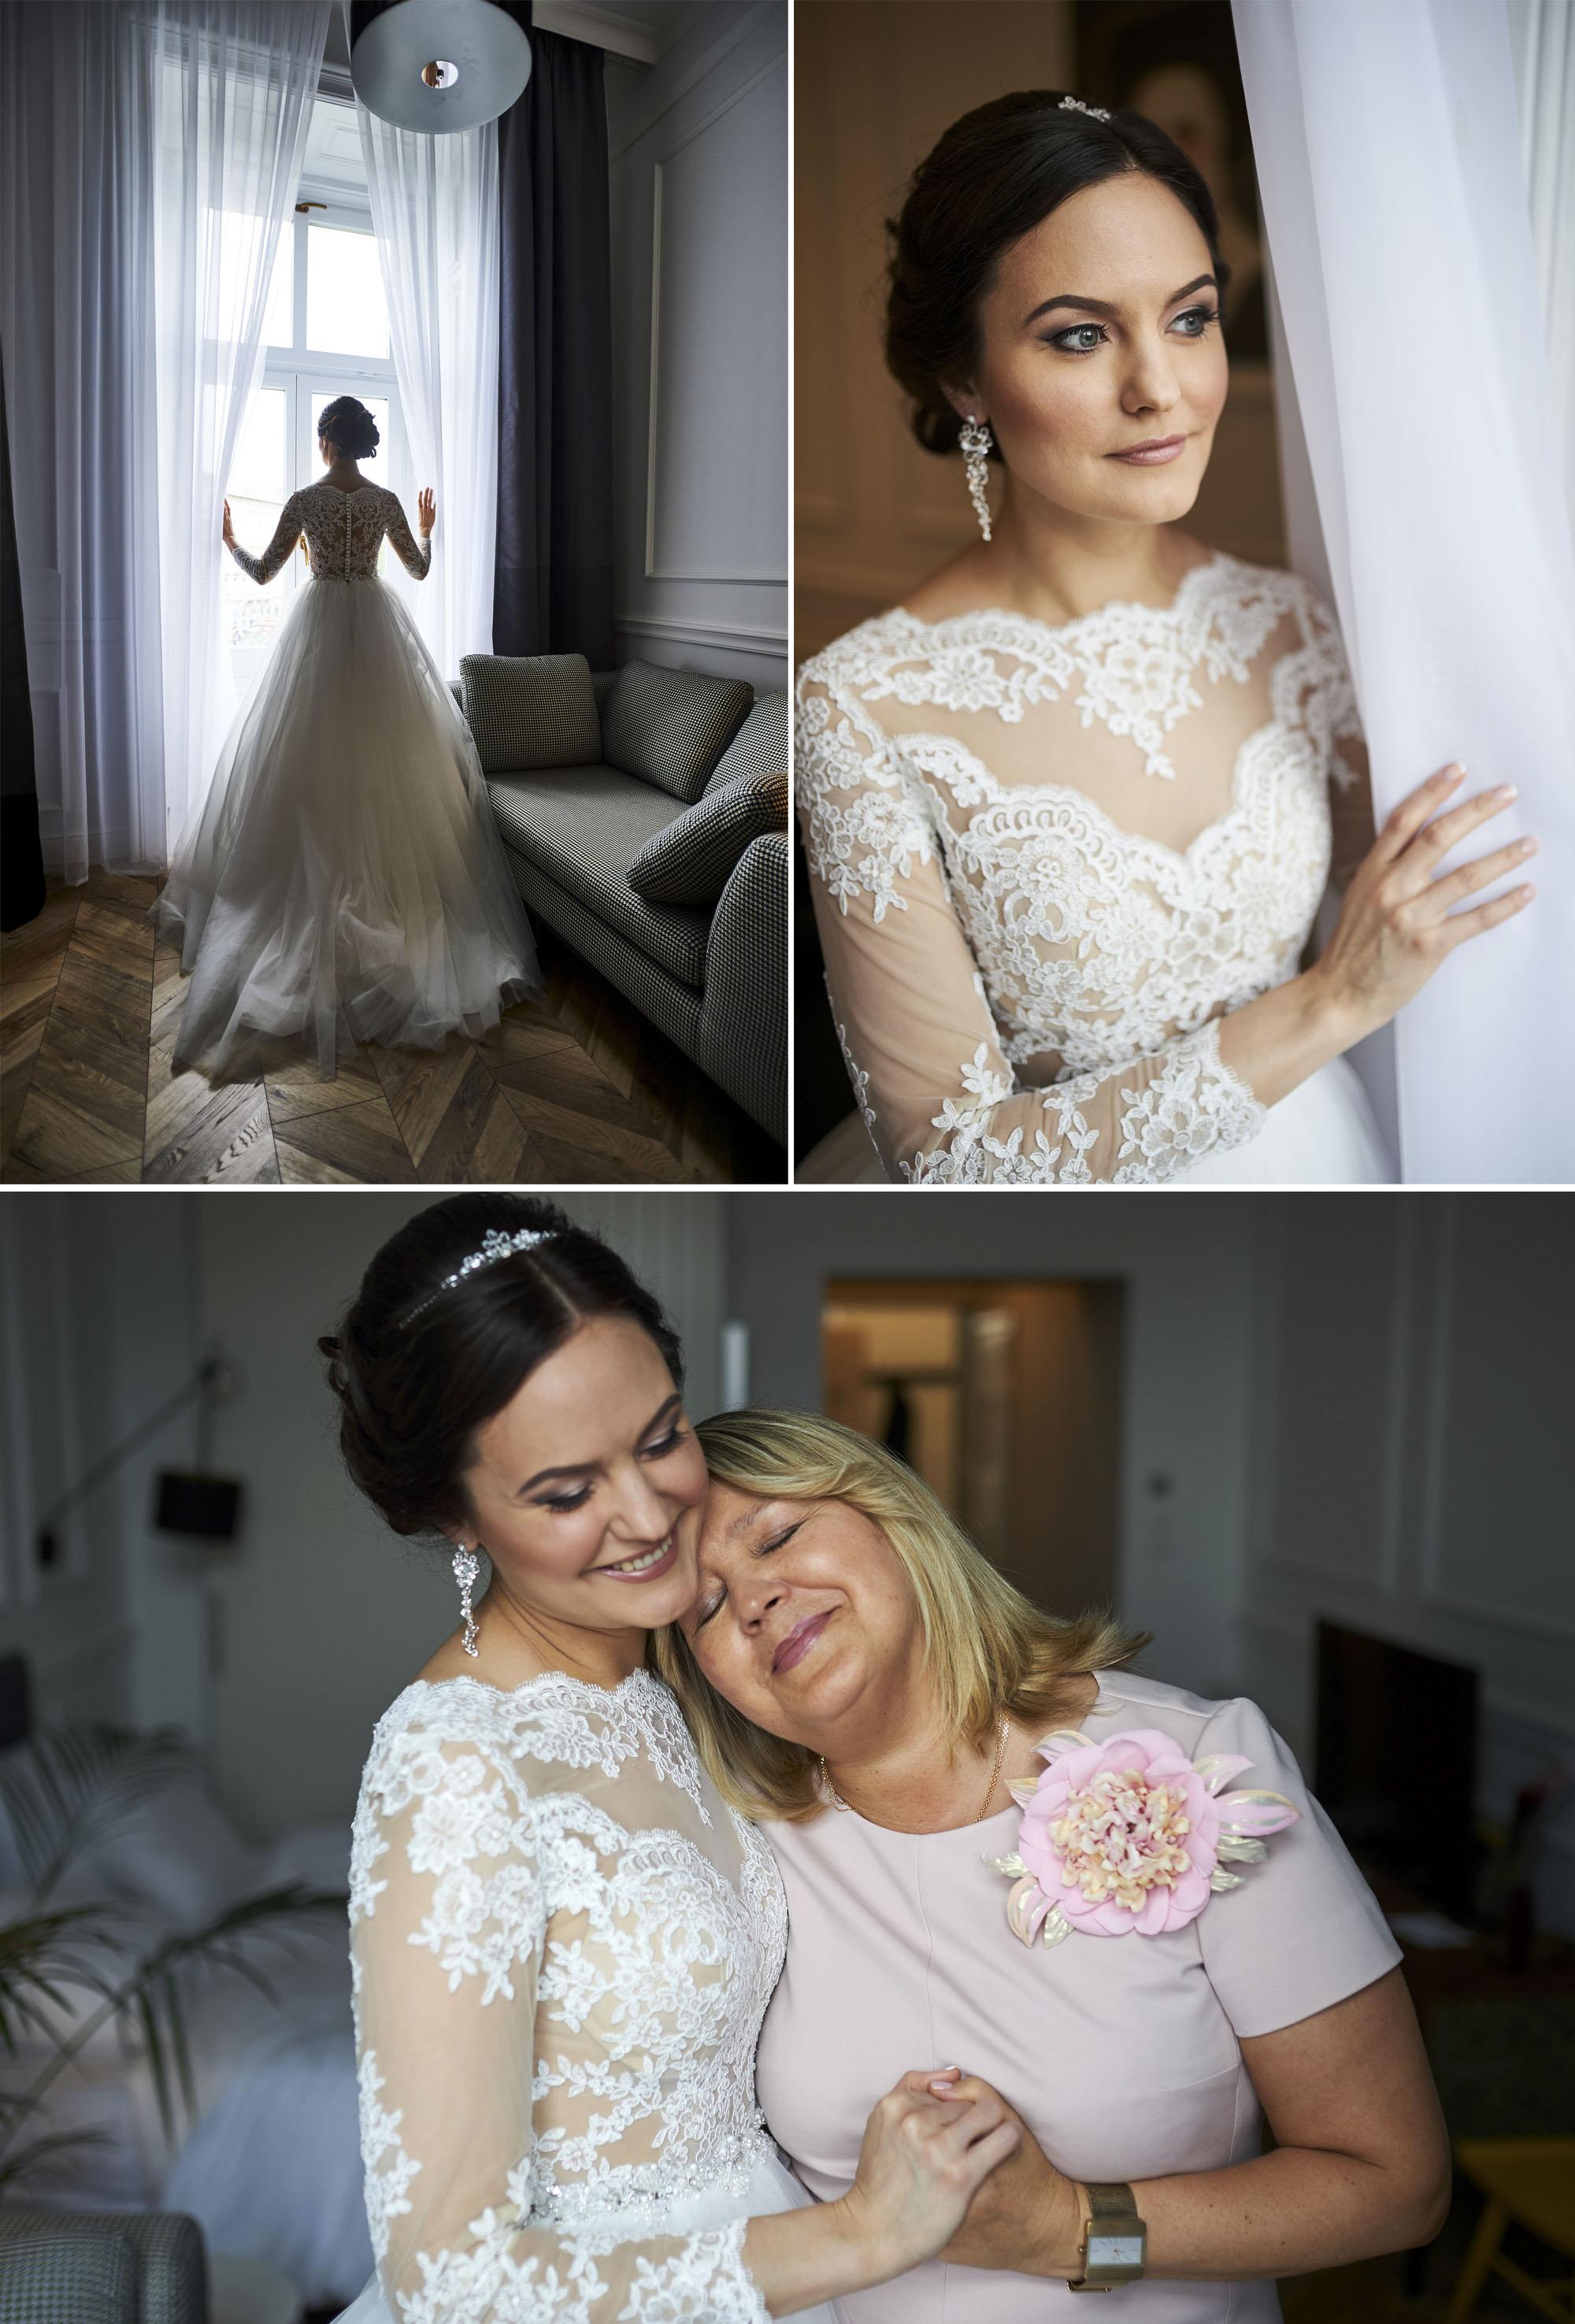 Esküvői készülődés fotózása Budapesten